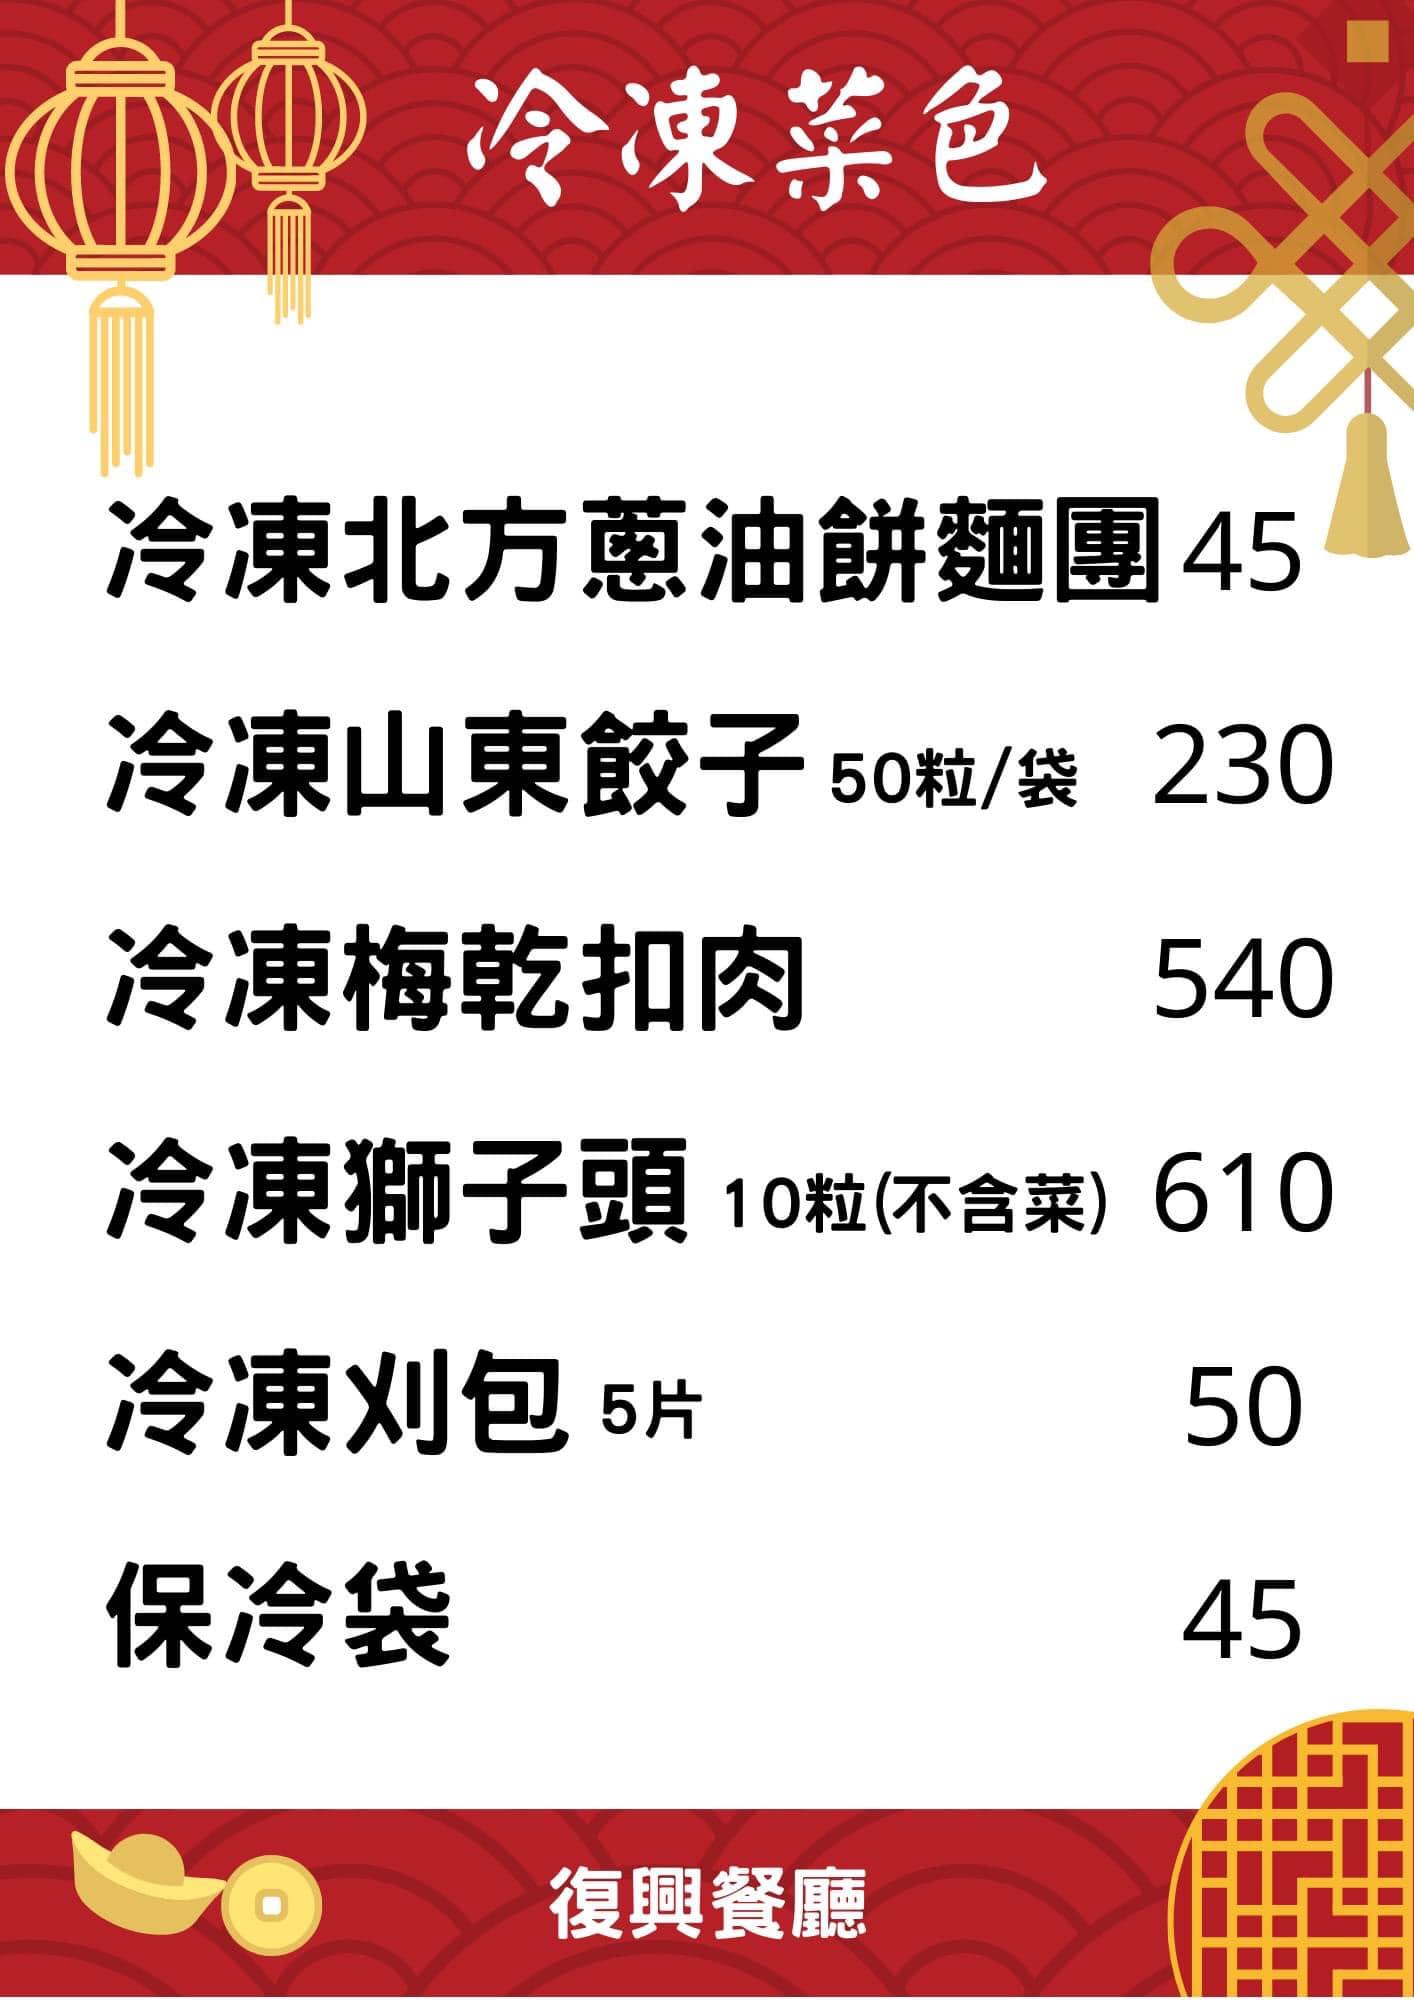 【台中大雅】復興餐廳:清泉崗60年的眷村美食,排隊也要吃到的好味道 @飛天璇的口袋